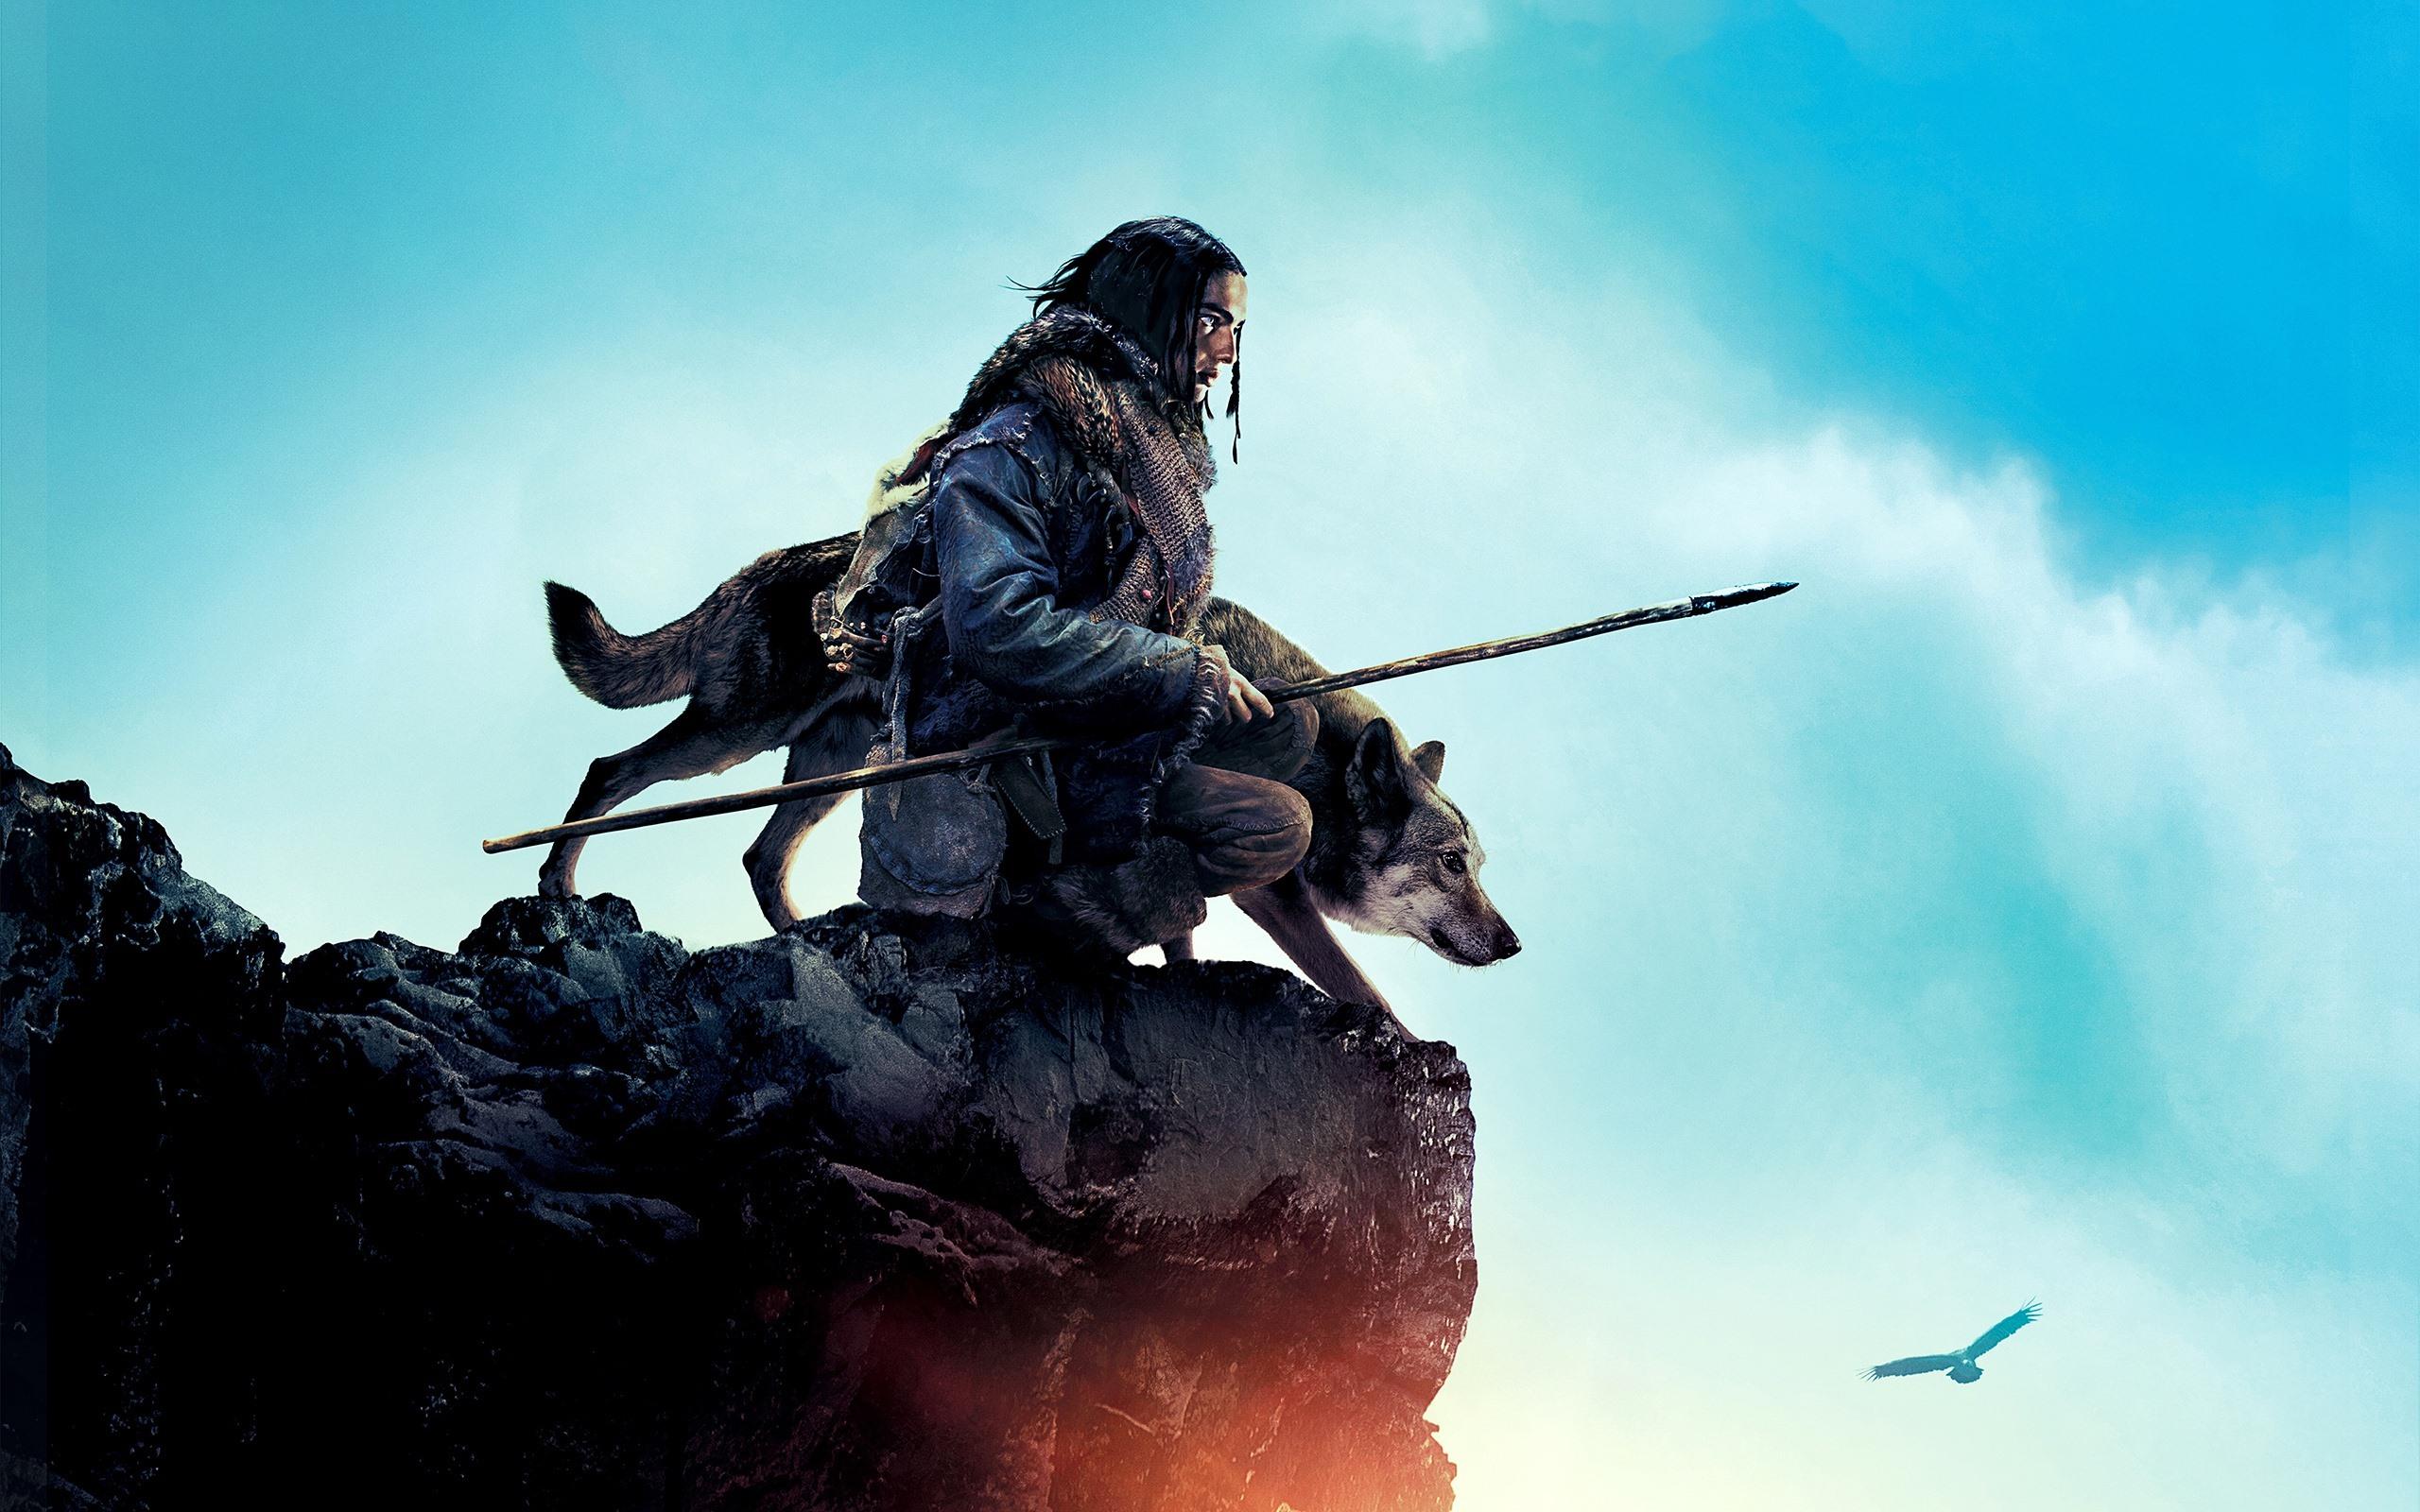 壁纸阿尔法 狼伴归途 男人和狼2560x1600 Hd 高清壁纸 图片 照片